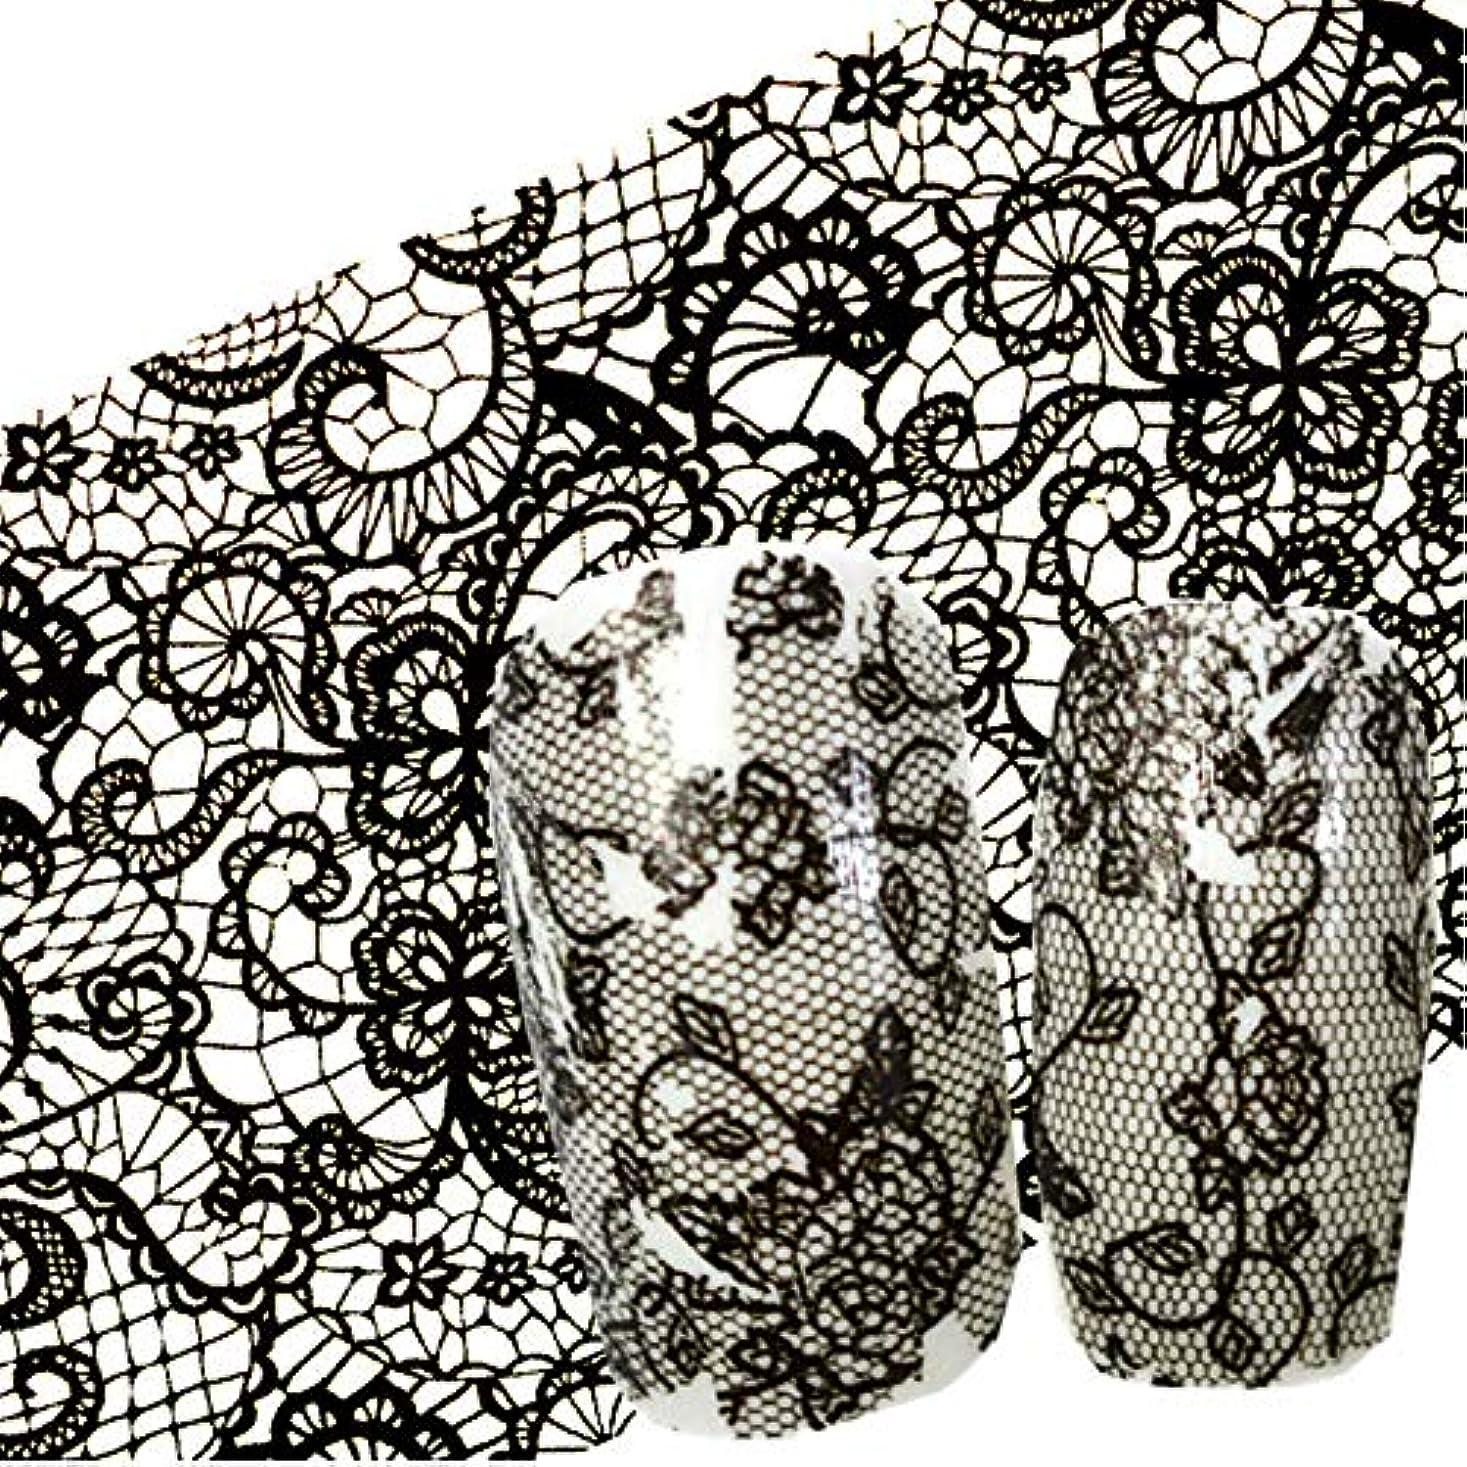 アレンジ粒子支援SUKTI&XIAO ネイルステッカー 100X4 Cmネイルアート黒花レースマニキュアネイルアートネイルペーストグルーフィルムフラッシュ美容デザイン